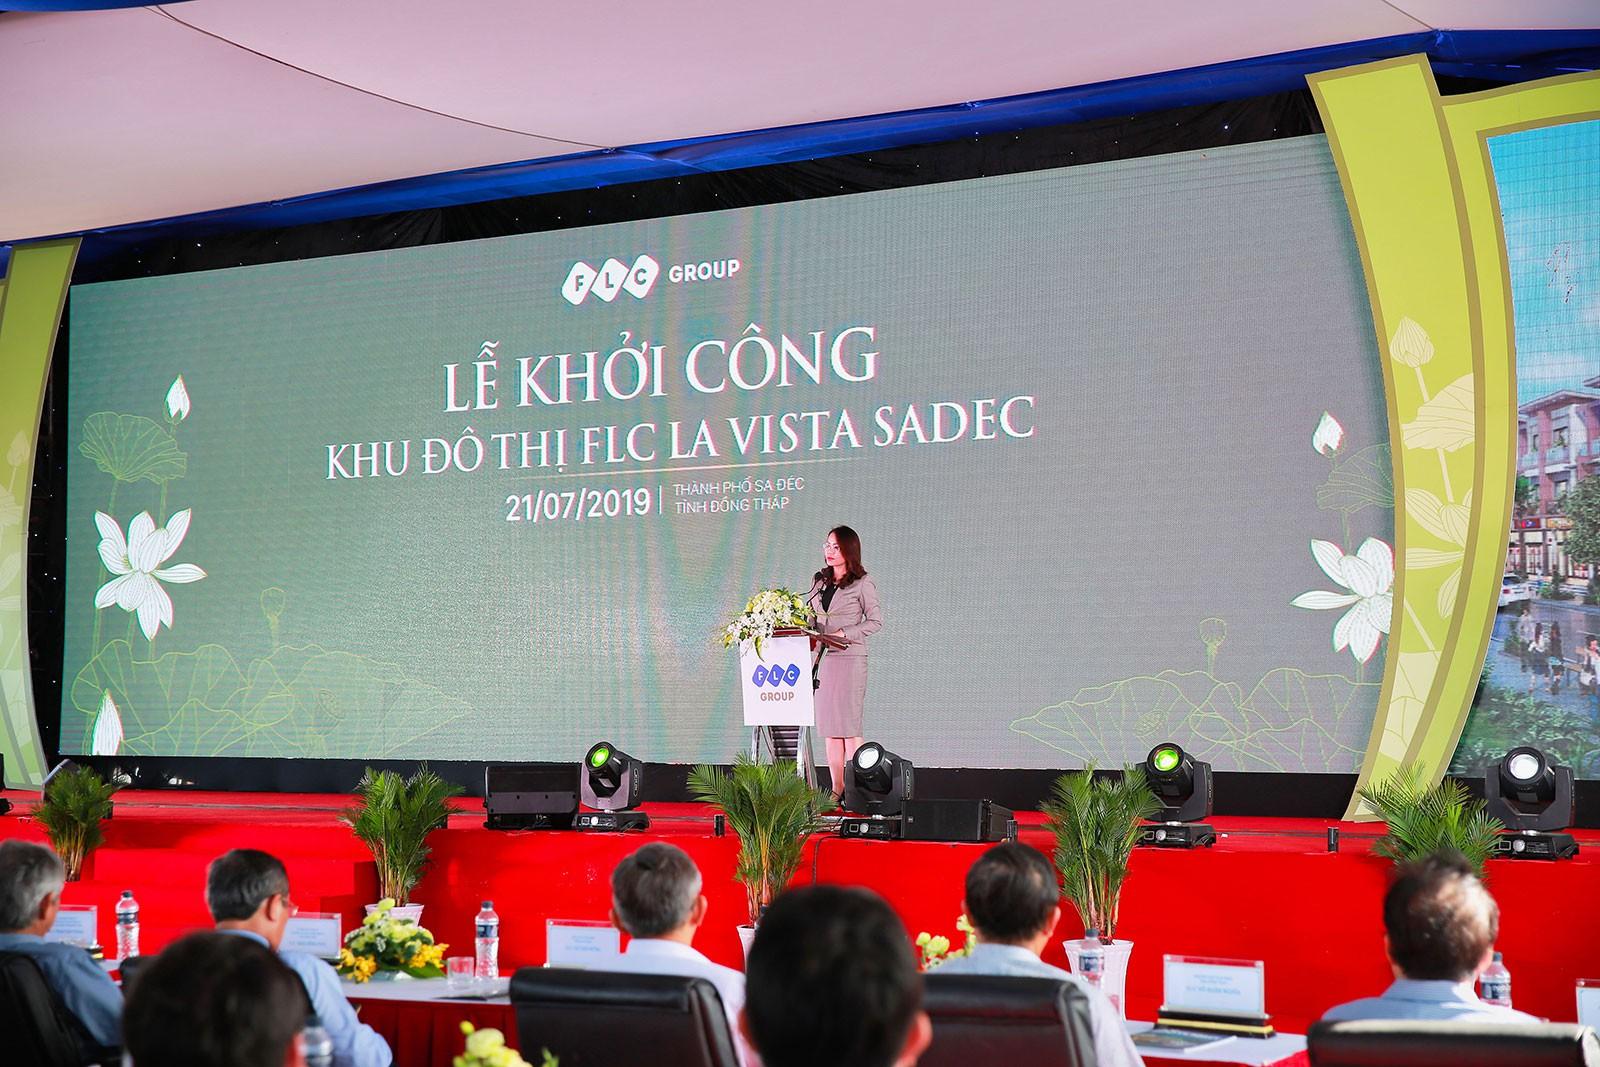 Bà Hương Trần Kiều Dung phát biểu tại lễ khởi công ngày 21/7. Ảnh: FLC.